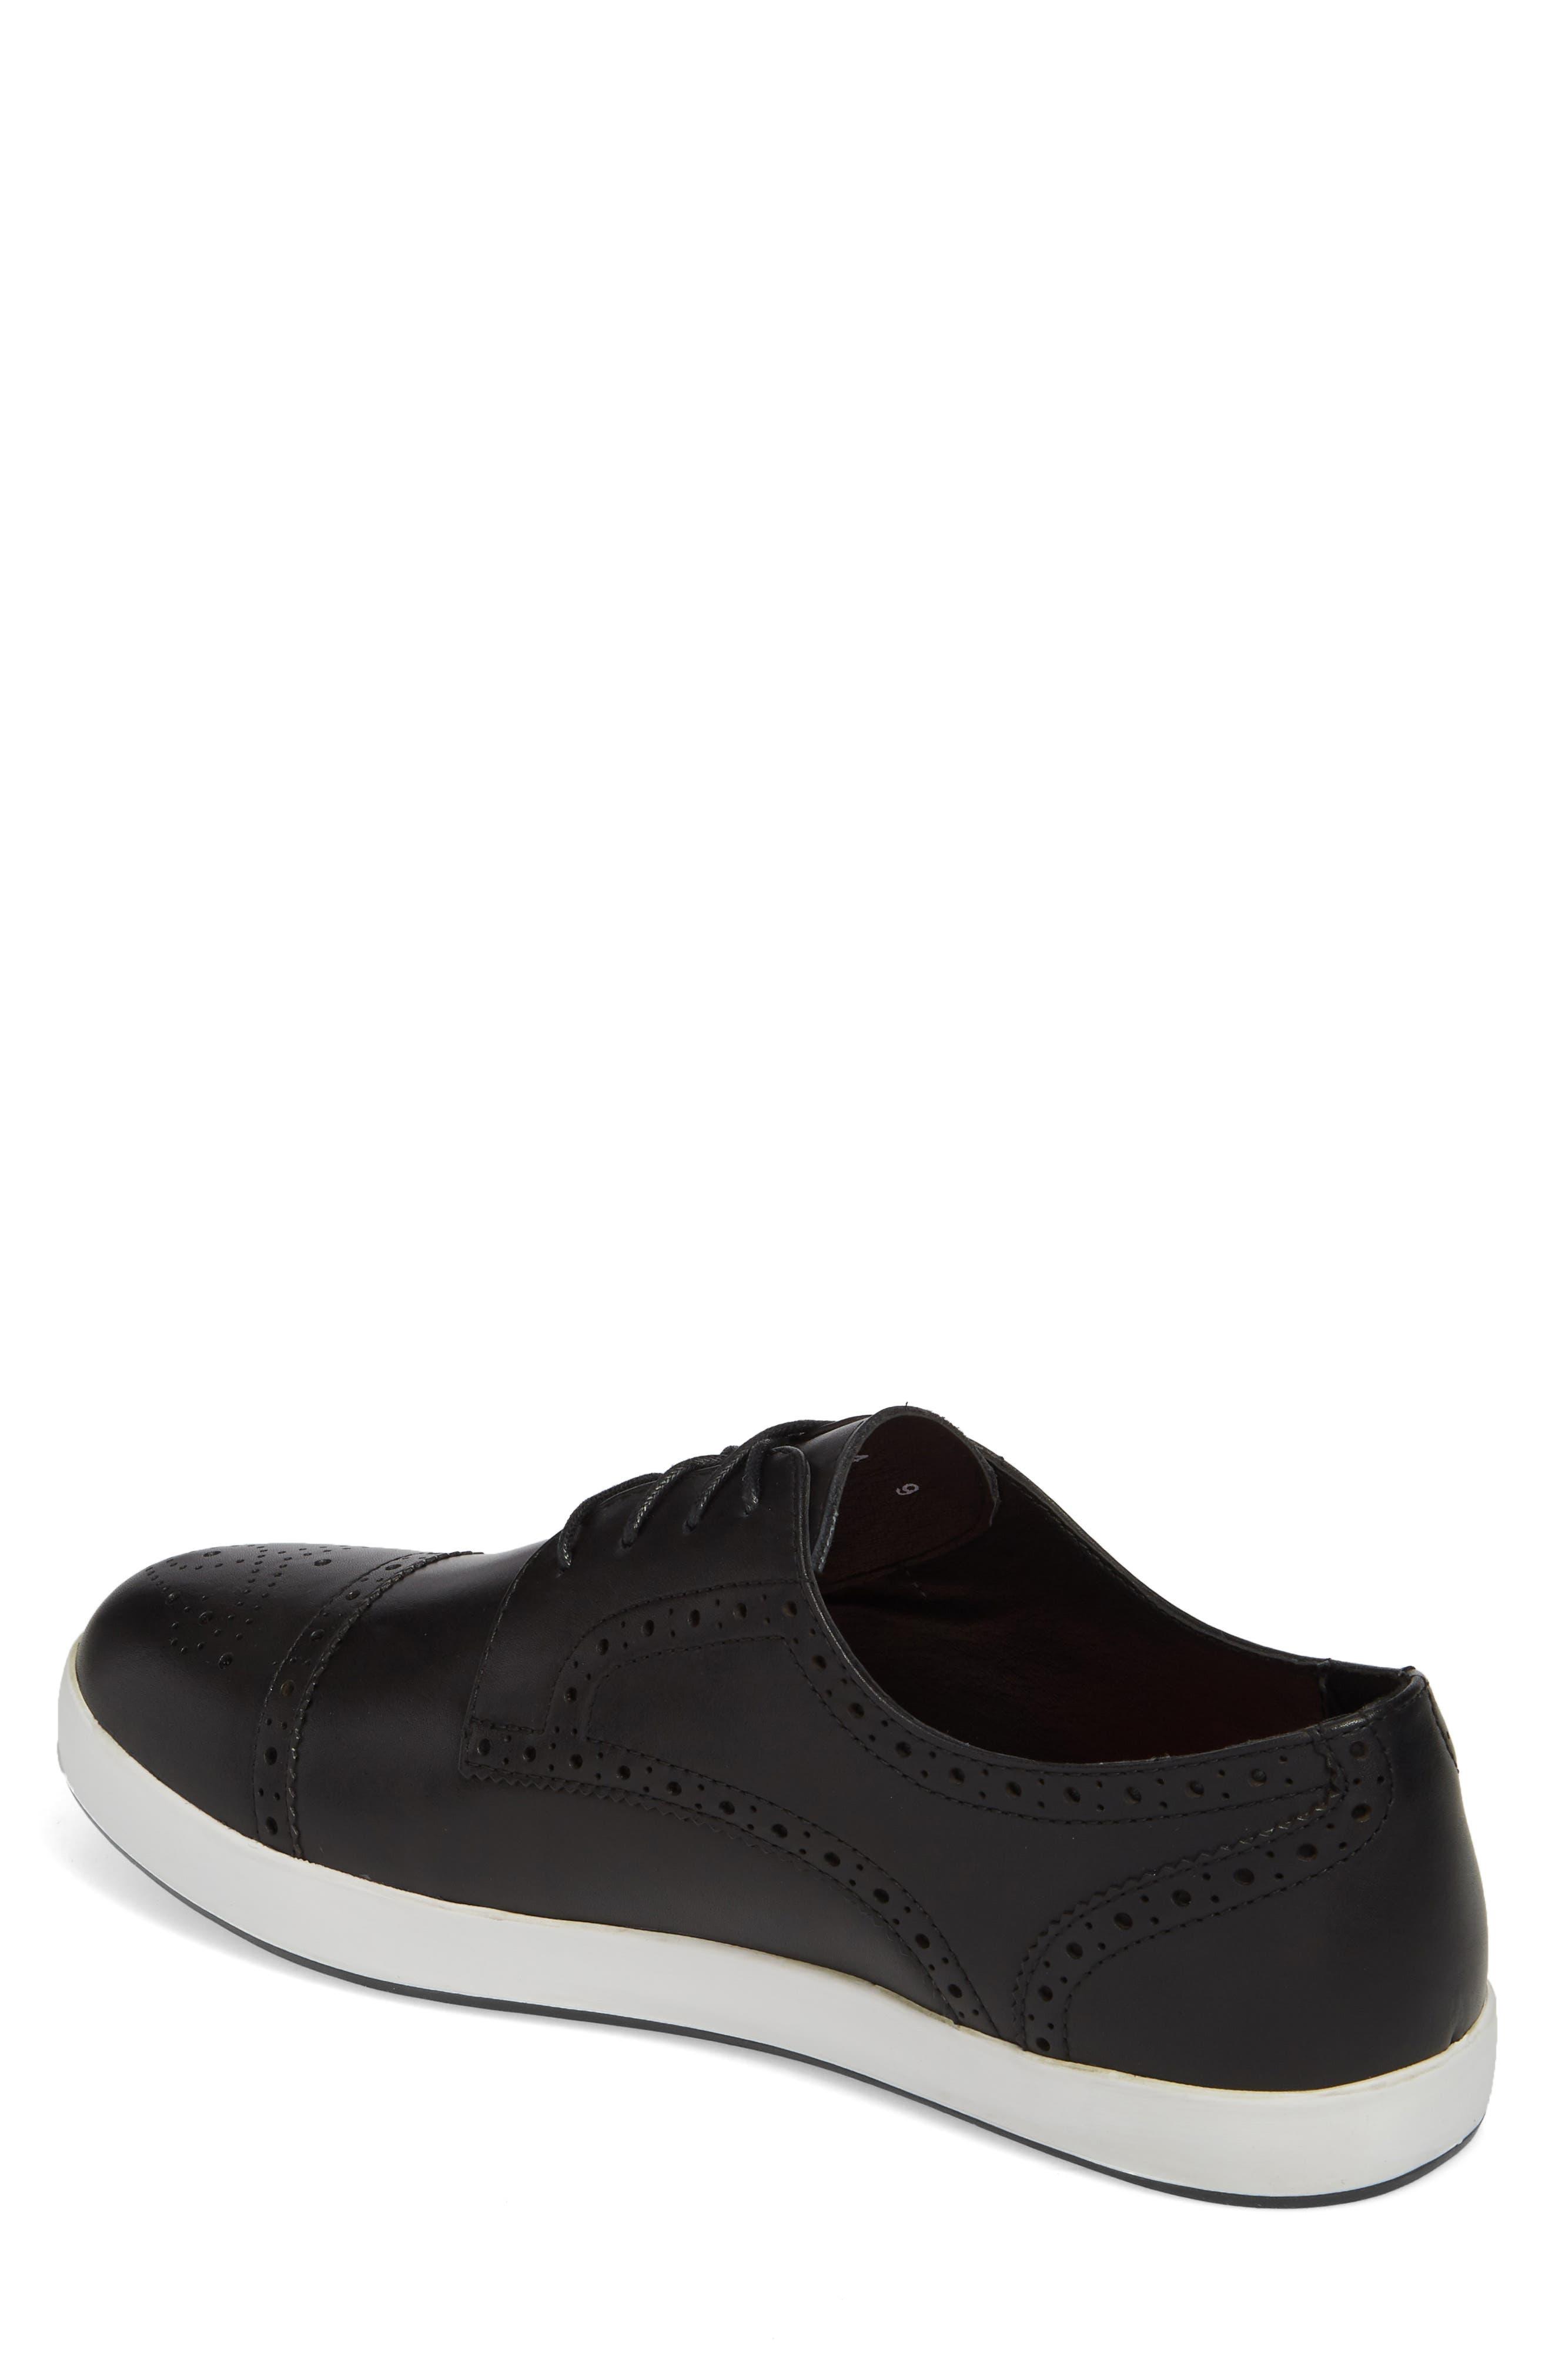 Dunnet Cap Toe Sneaker,                             Alternate thumbnail 2, color,                             001